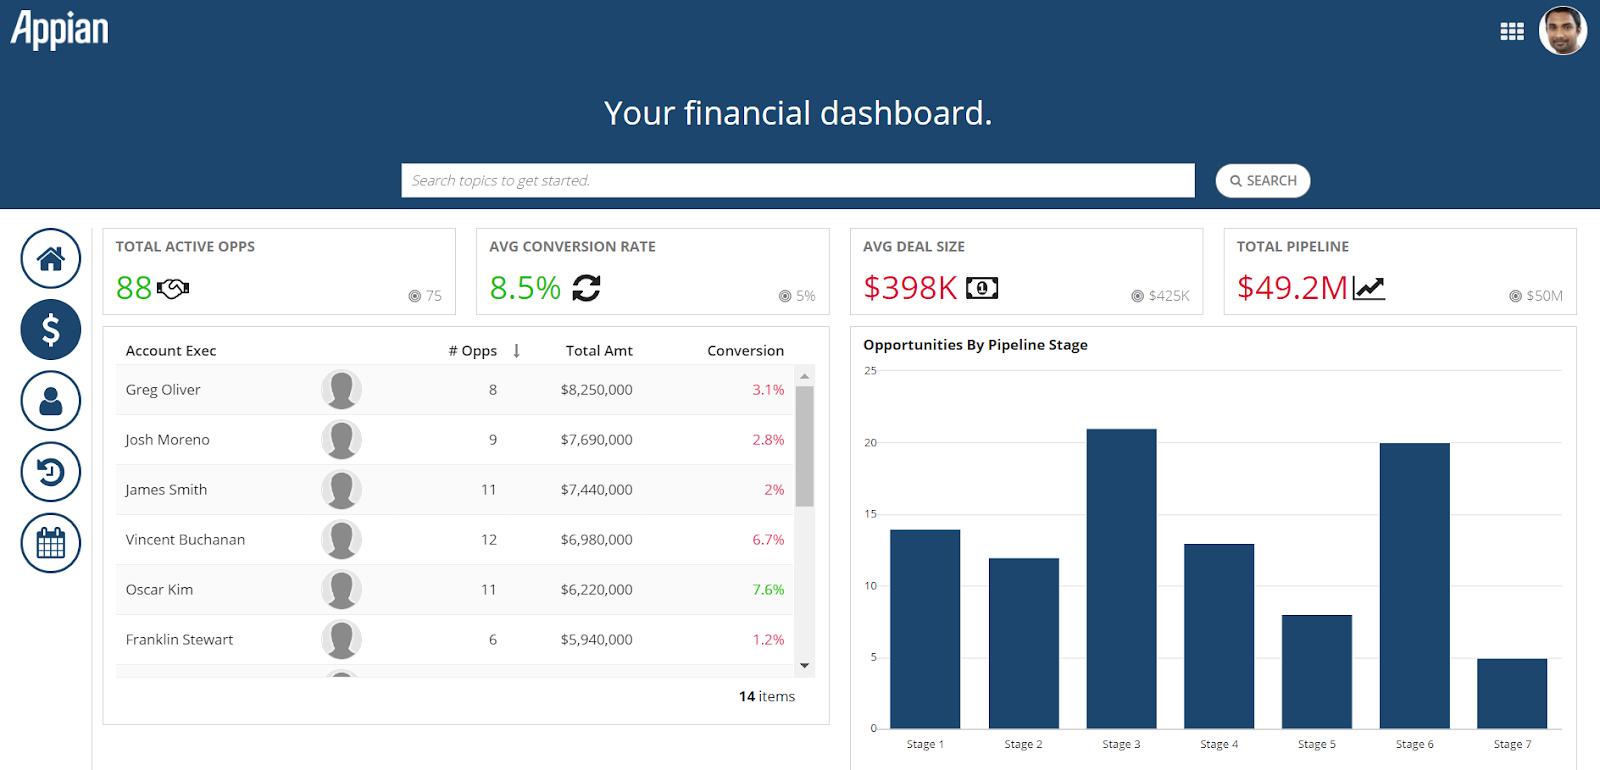 Appian 21.1 - Financial dashboard